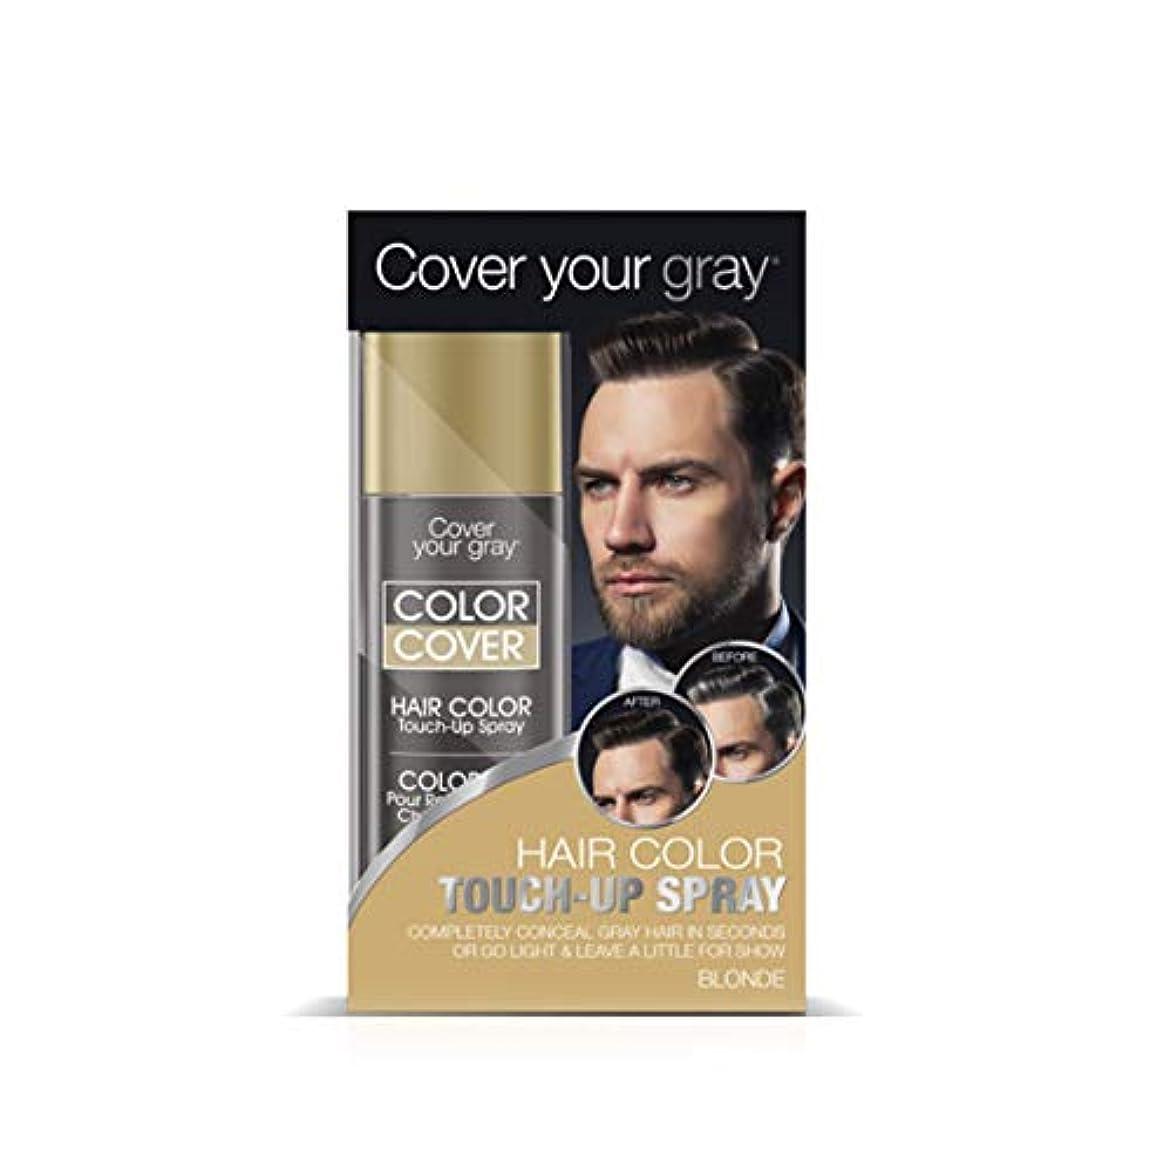 月曜スリップチップCover Your Gray メンズカラーカバータッチアップスプレー - ブロンド(6パック)